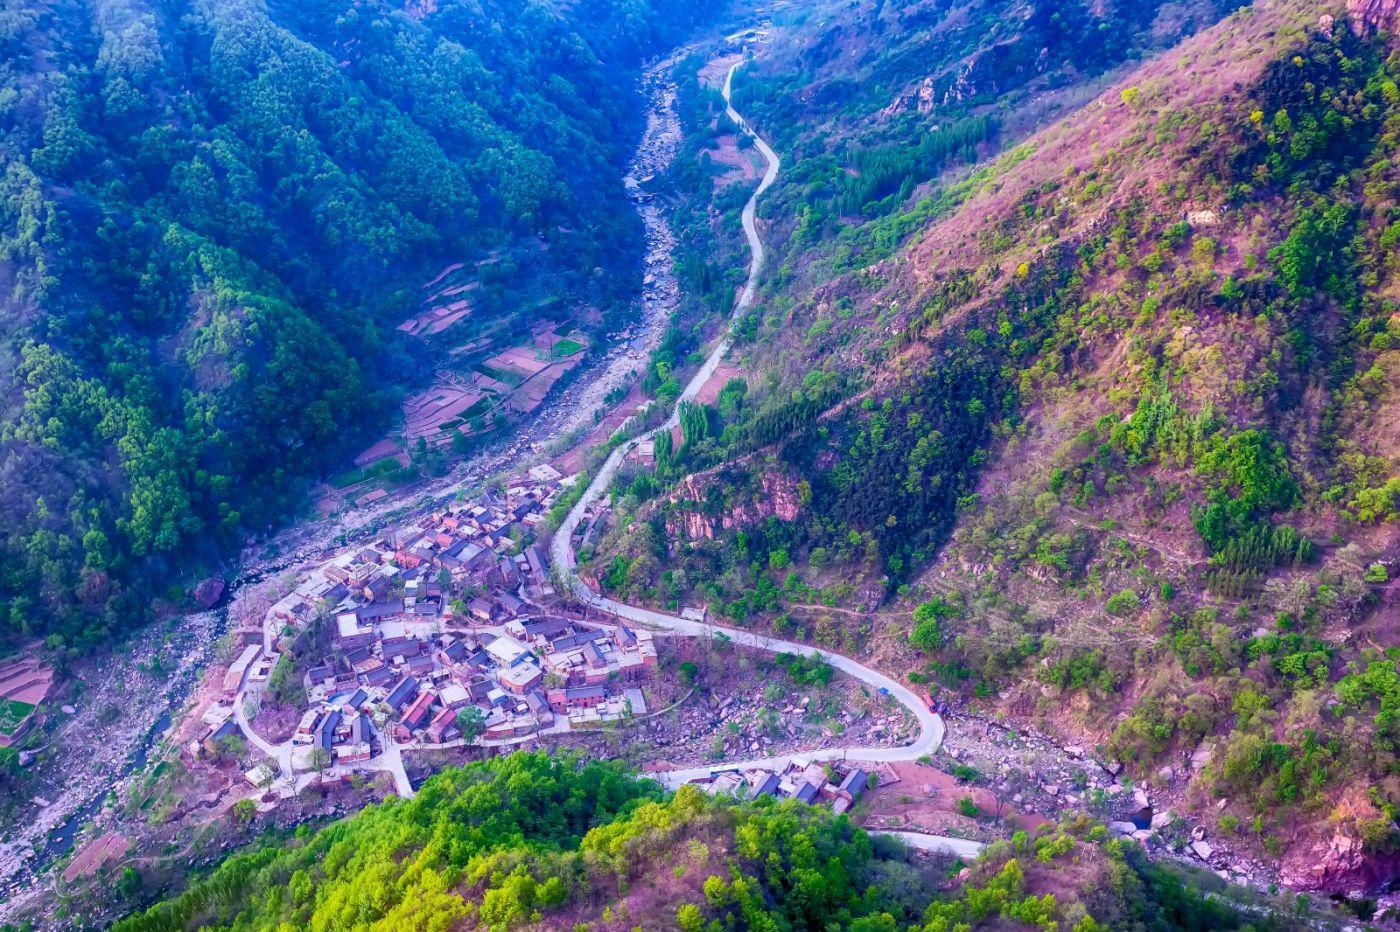 崖壁上的古村落 郭亮村 绝处也有风景_图1-14